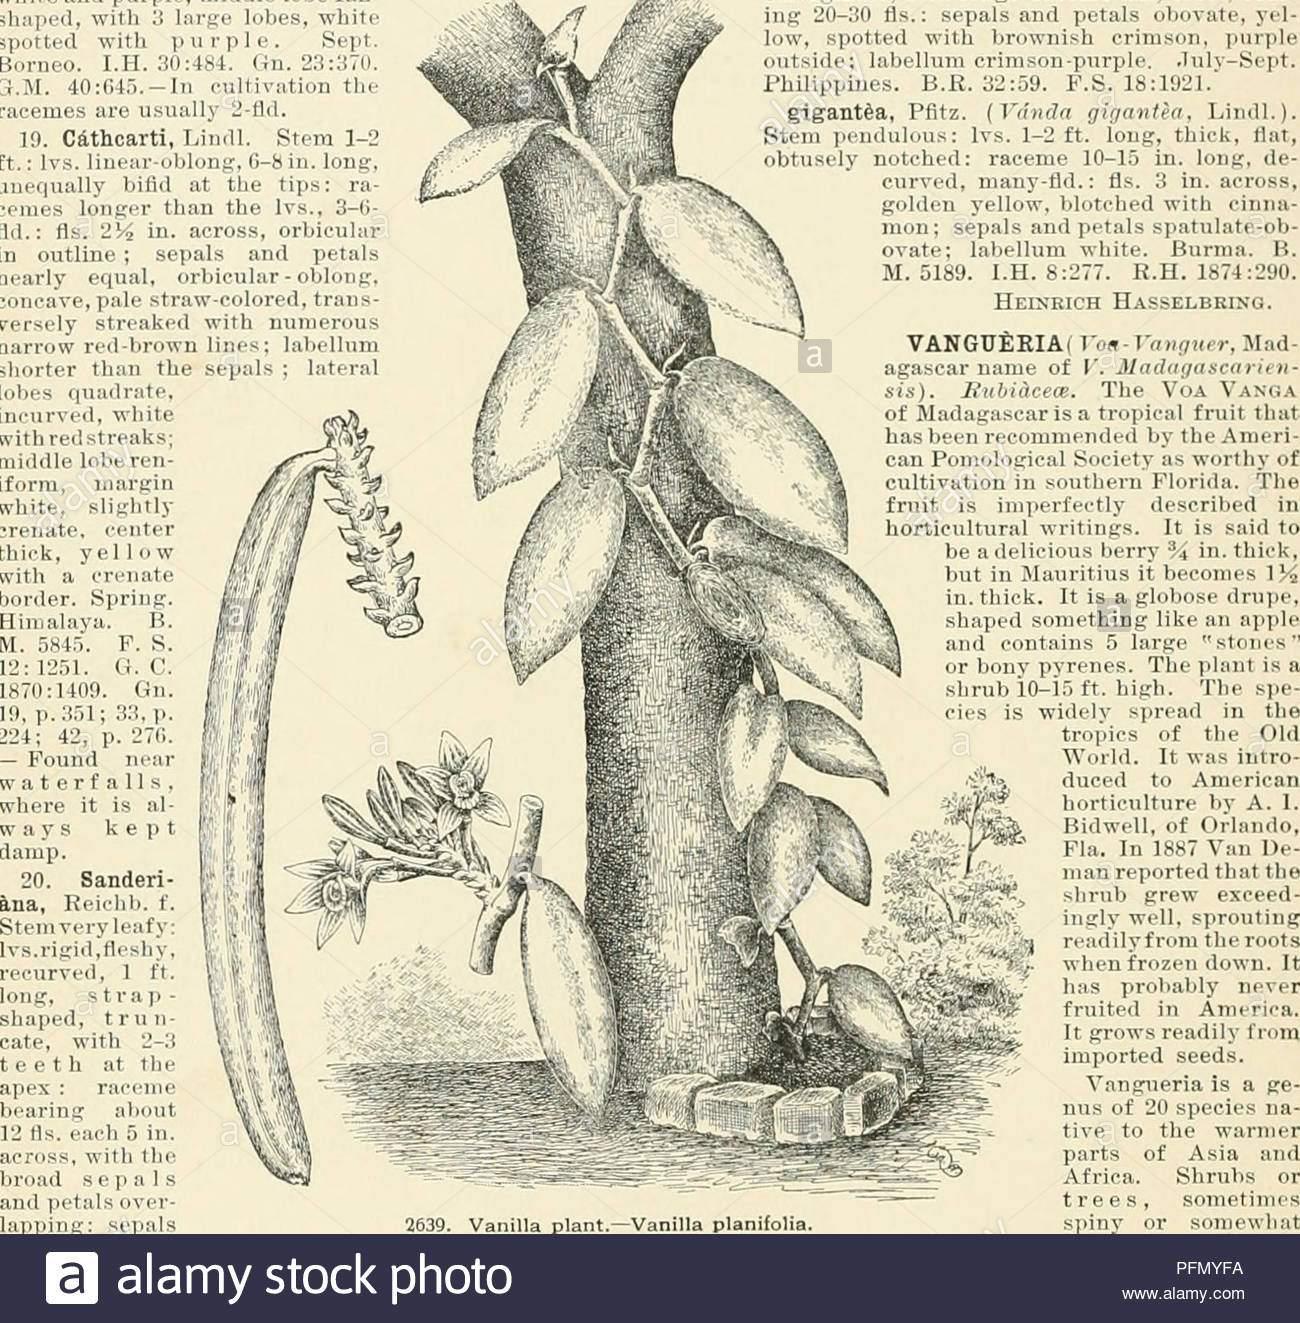 cyclopedia der amerikanischen gartenbau bestehend aus anregungen fur den anbau von gartenpflanzen beschreibungen der arten von obst gemuse blumen und zierpflanzen in den vereinigten staaten und in kanada verkauft zusammen mit geographischen und biographische skizzen im garten arbeiten 1900 vanda sept buimi b m 4114 br pm t iit k h ihib 41 bt4j1404 i c 11 20 273 iii 27 su7 sh2 j8o auf 42 87 ba punt von stiikglmg gewohnheit aber mit sehr schonen hs u andersoni hort hat lis grosser und mehr bunte ist hookeri na kiahb f stammzellen und ivs terete als ml 111 ich tt ronly 2 jm lonff und bl pfmyfa